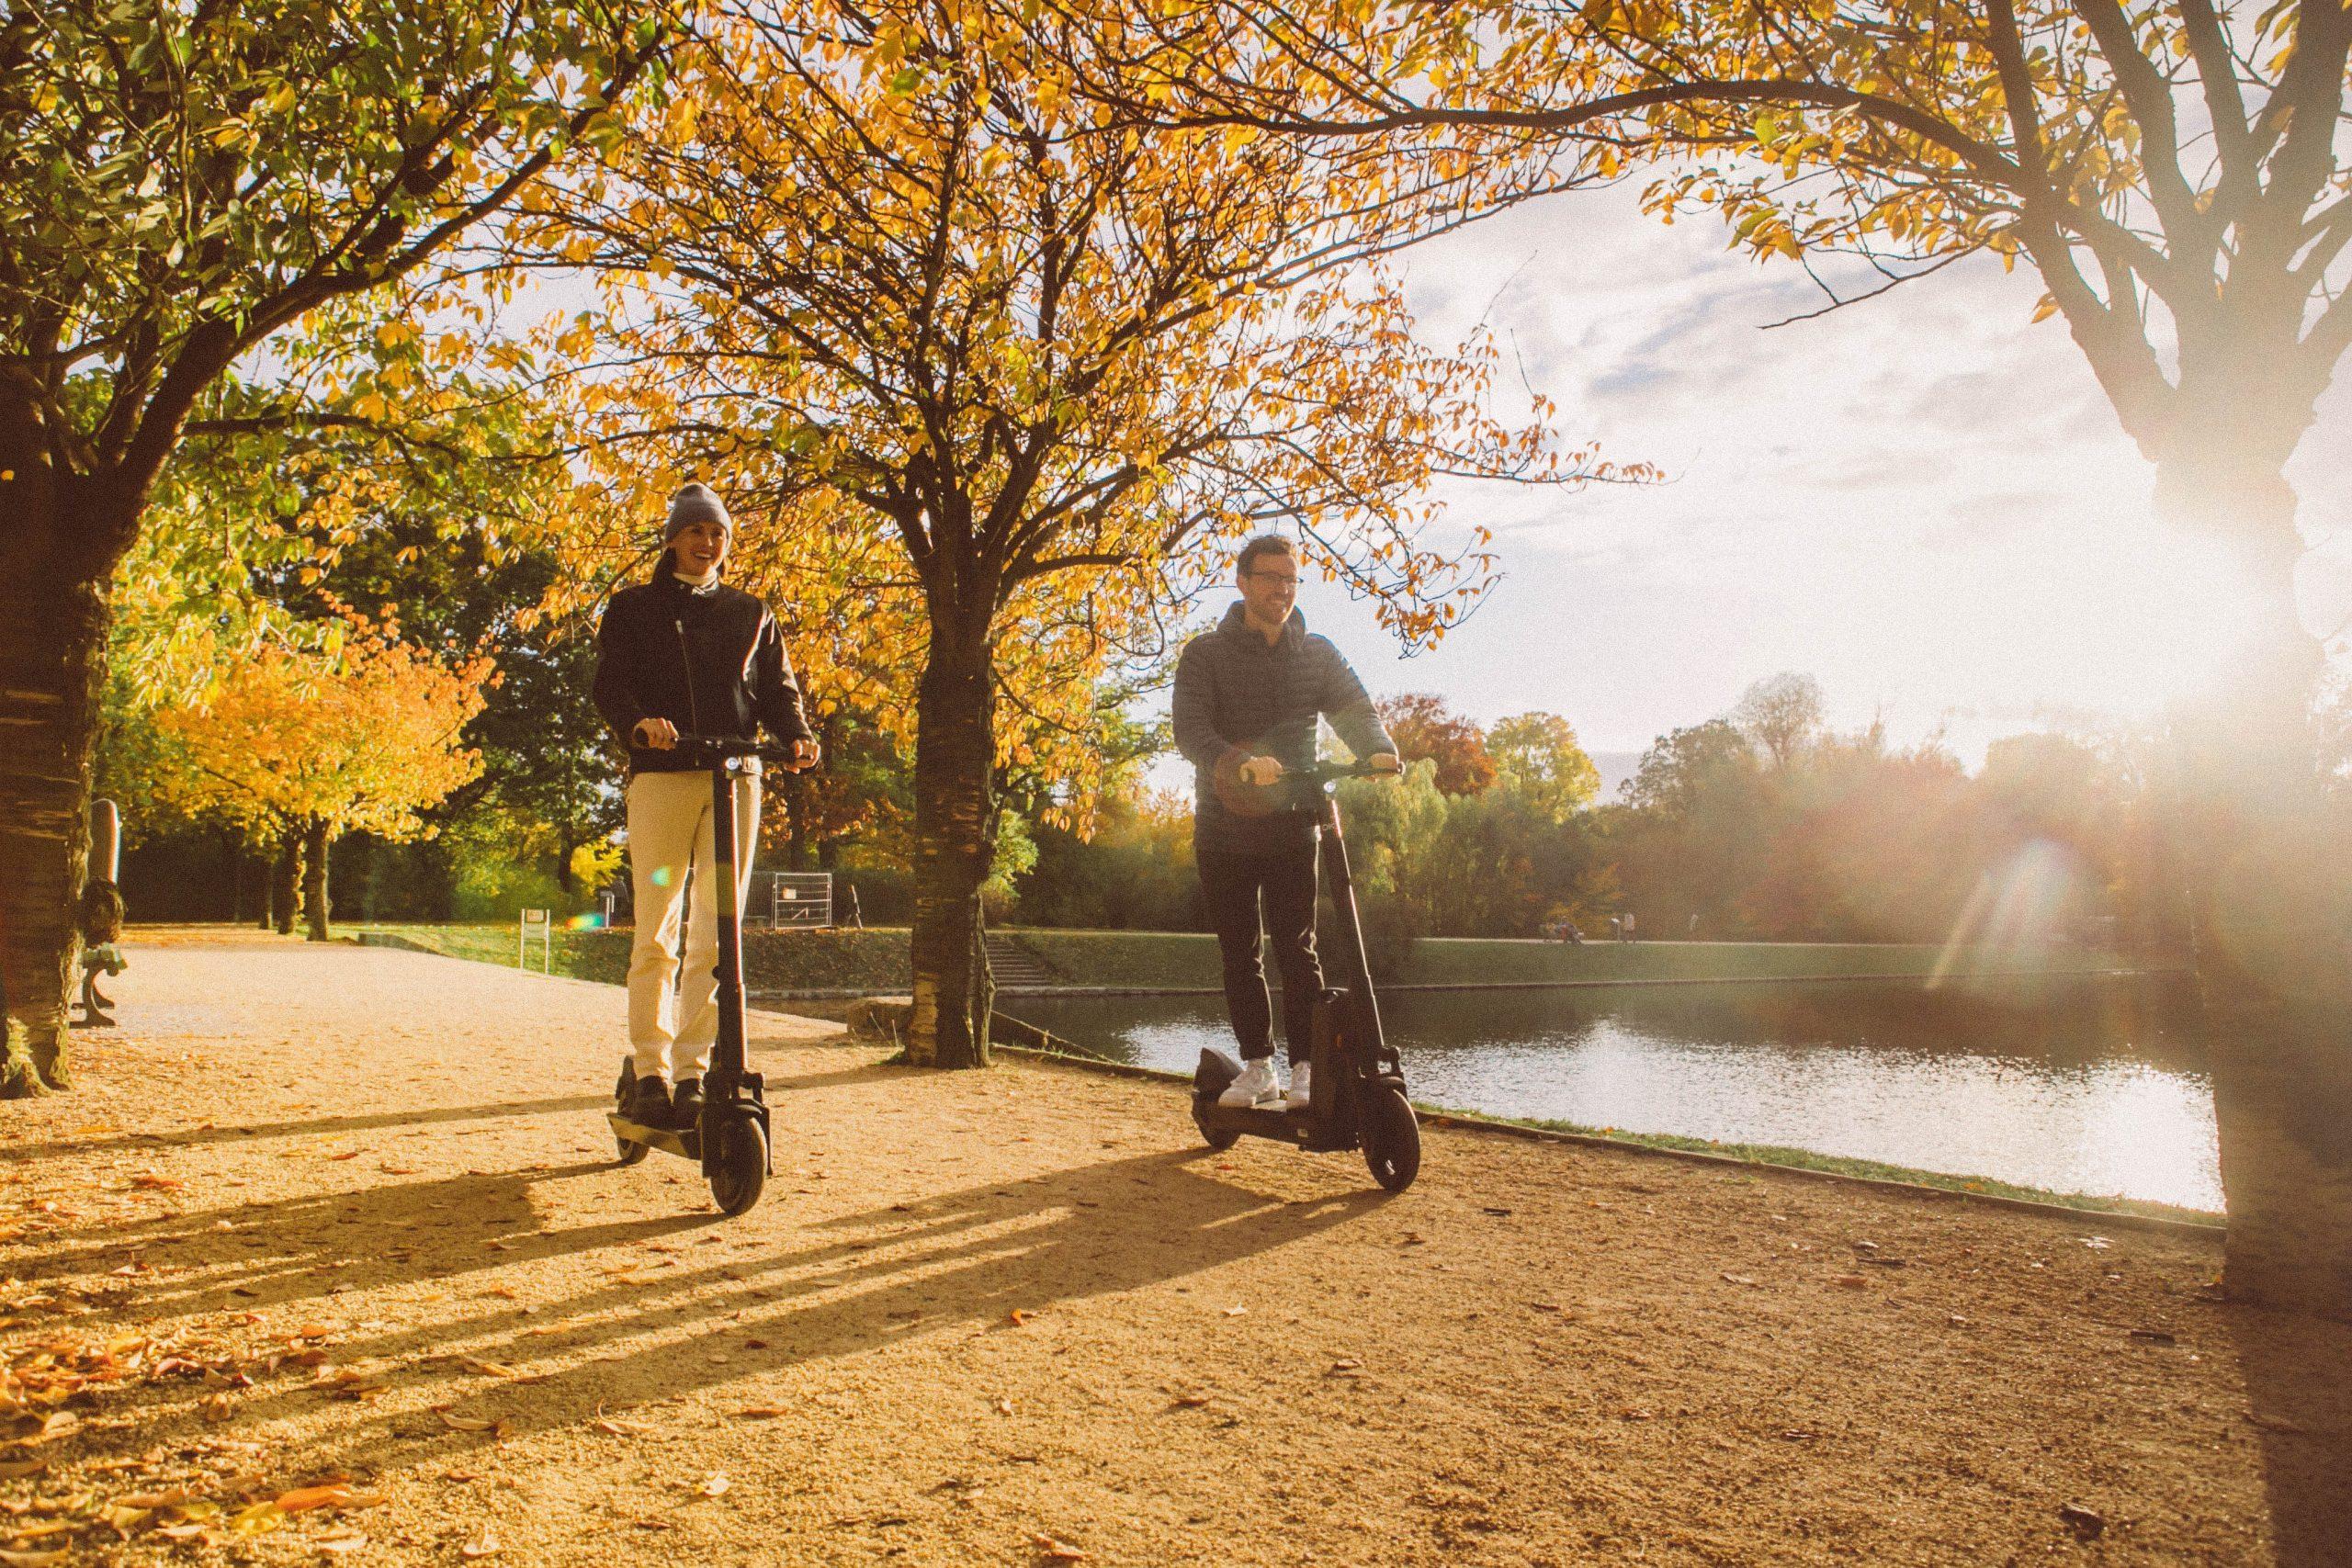 Dos personas paseando en el parque con patinete eléctrico